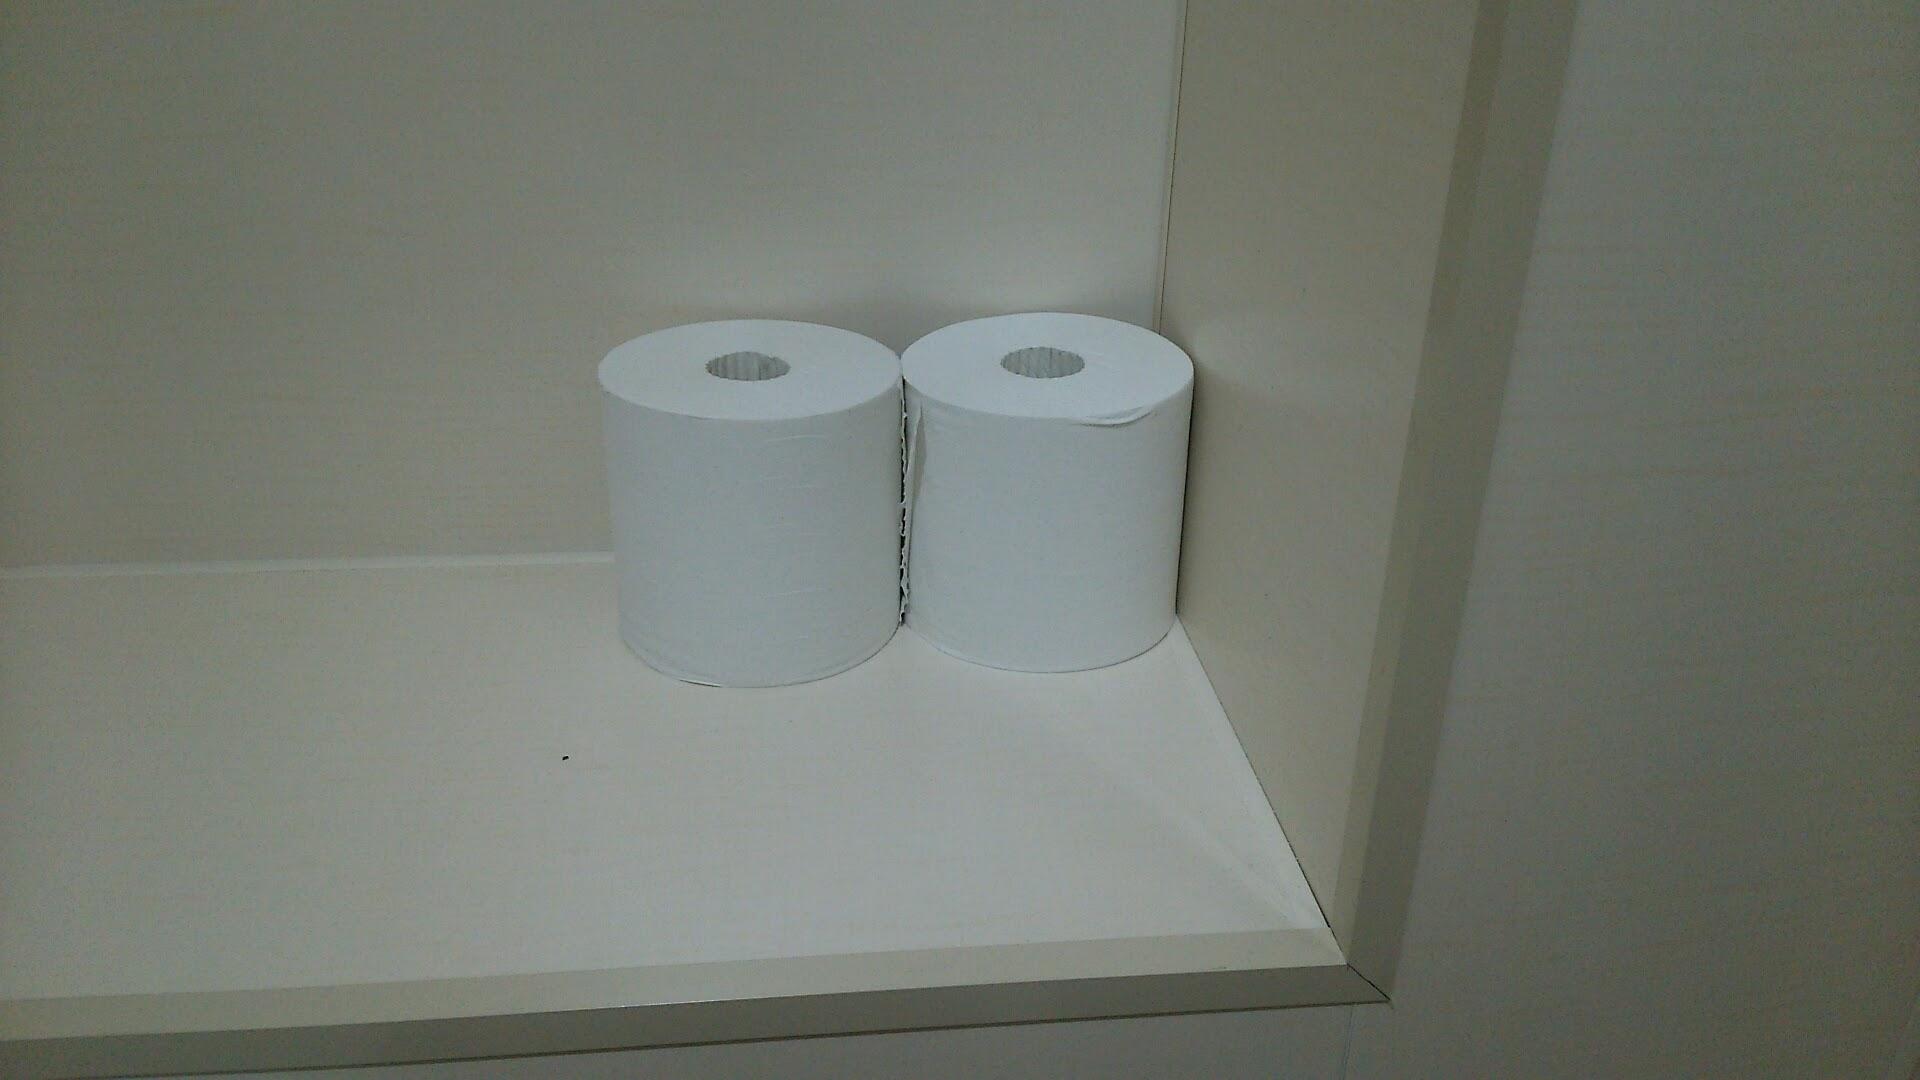 コンビニのトイレでトイレットペーパーが無かった時にする7つの方法